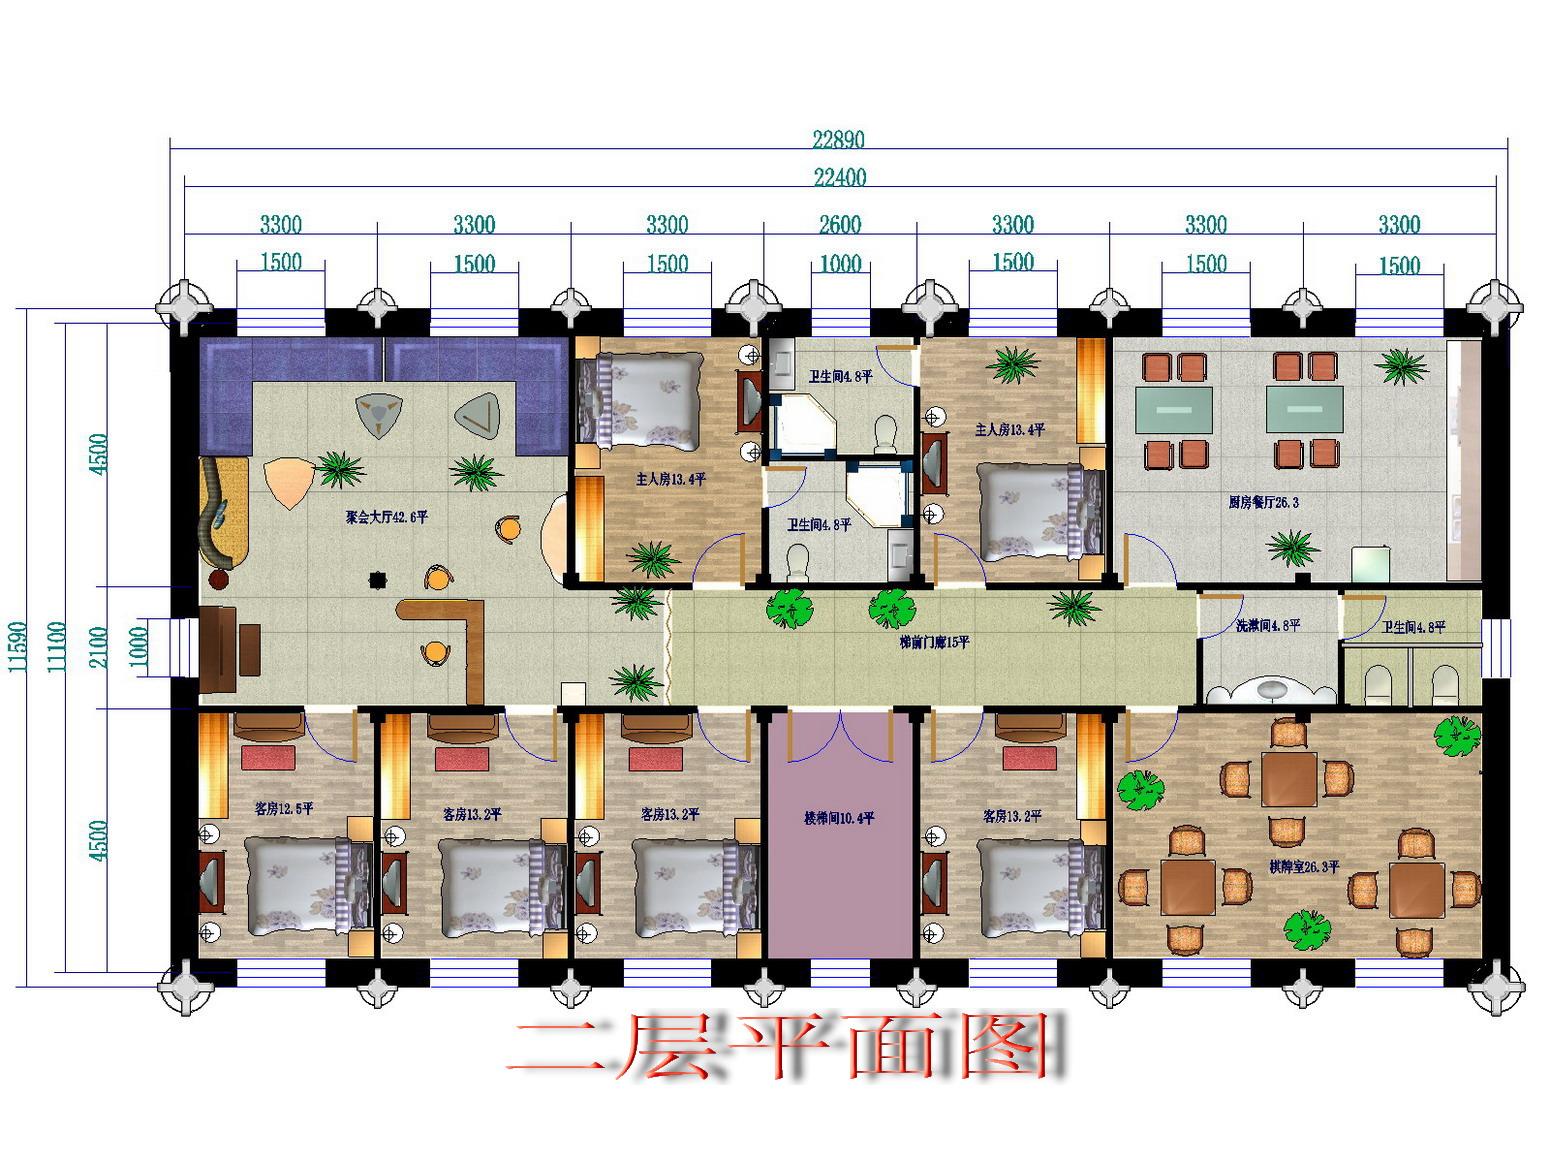 68平楼房平面图